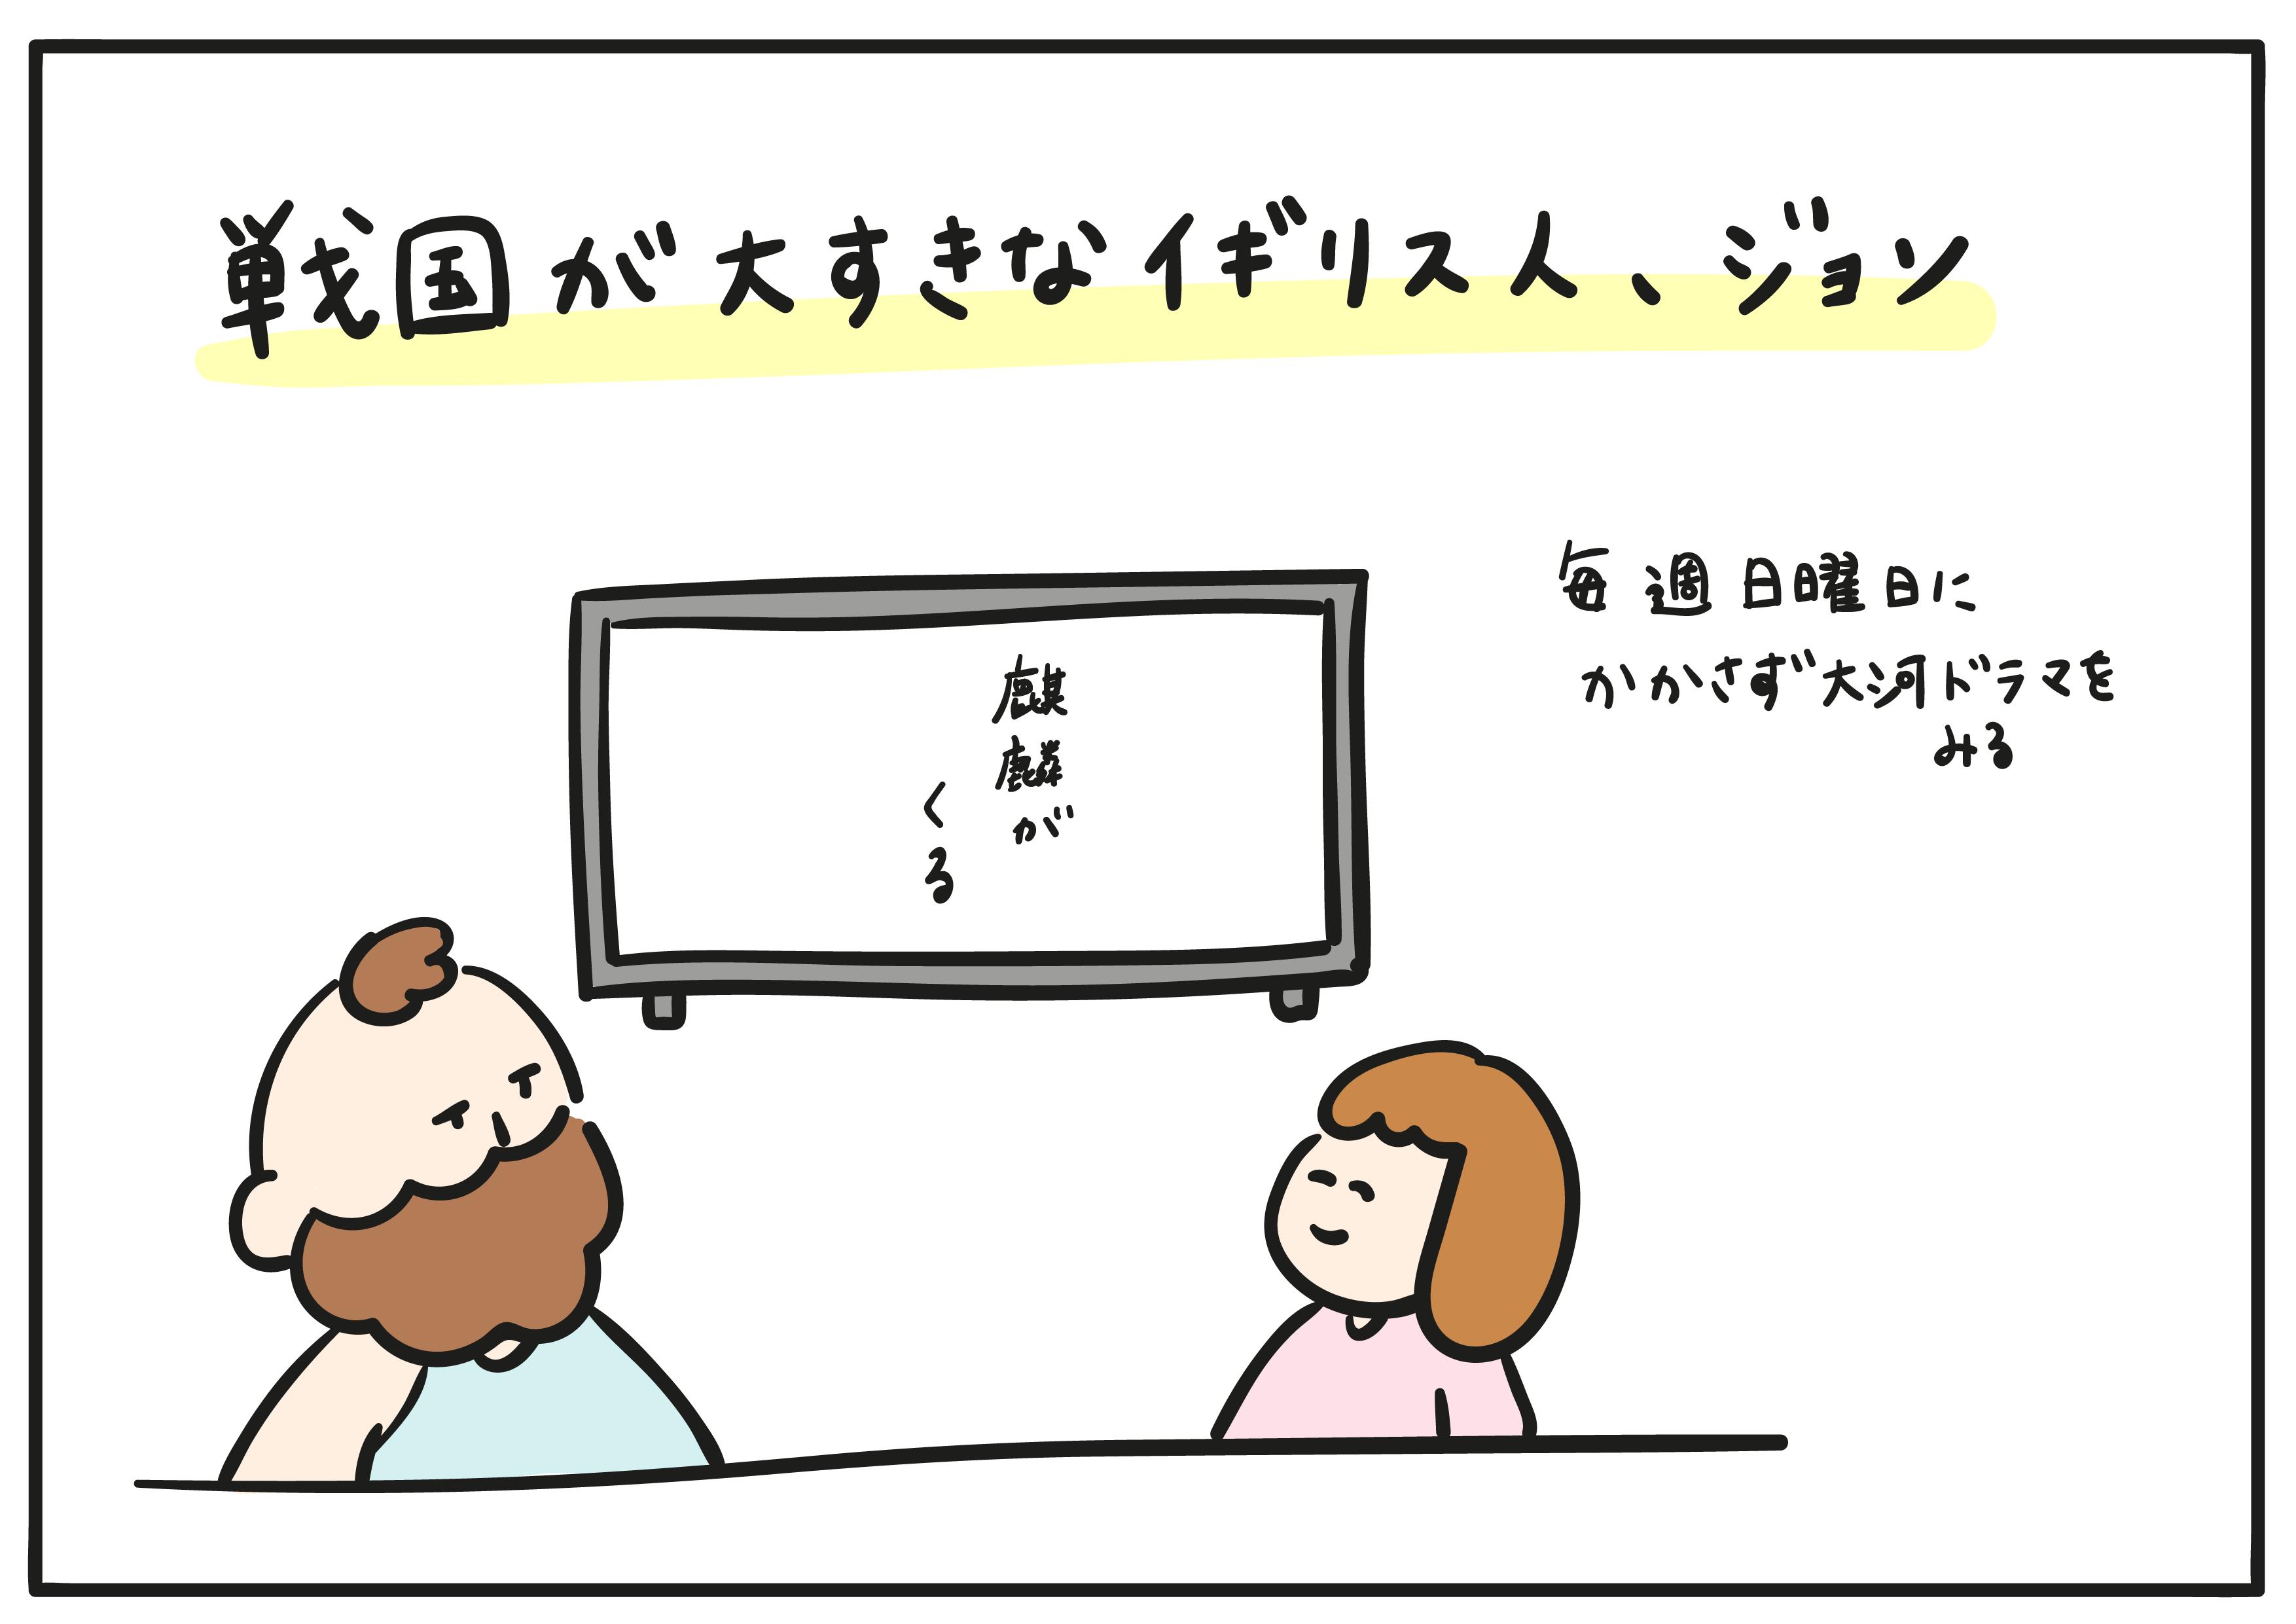 戦国大好き_01-01